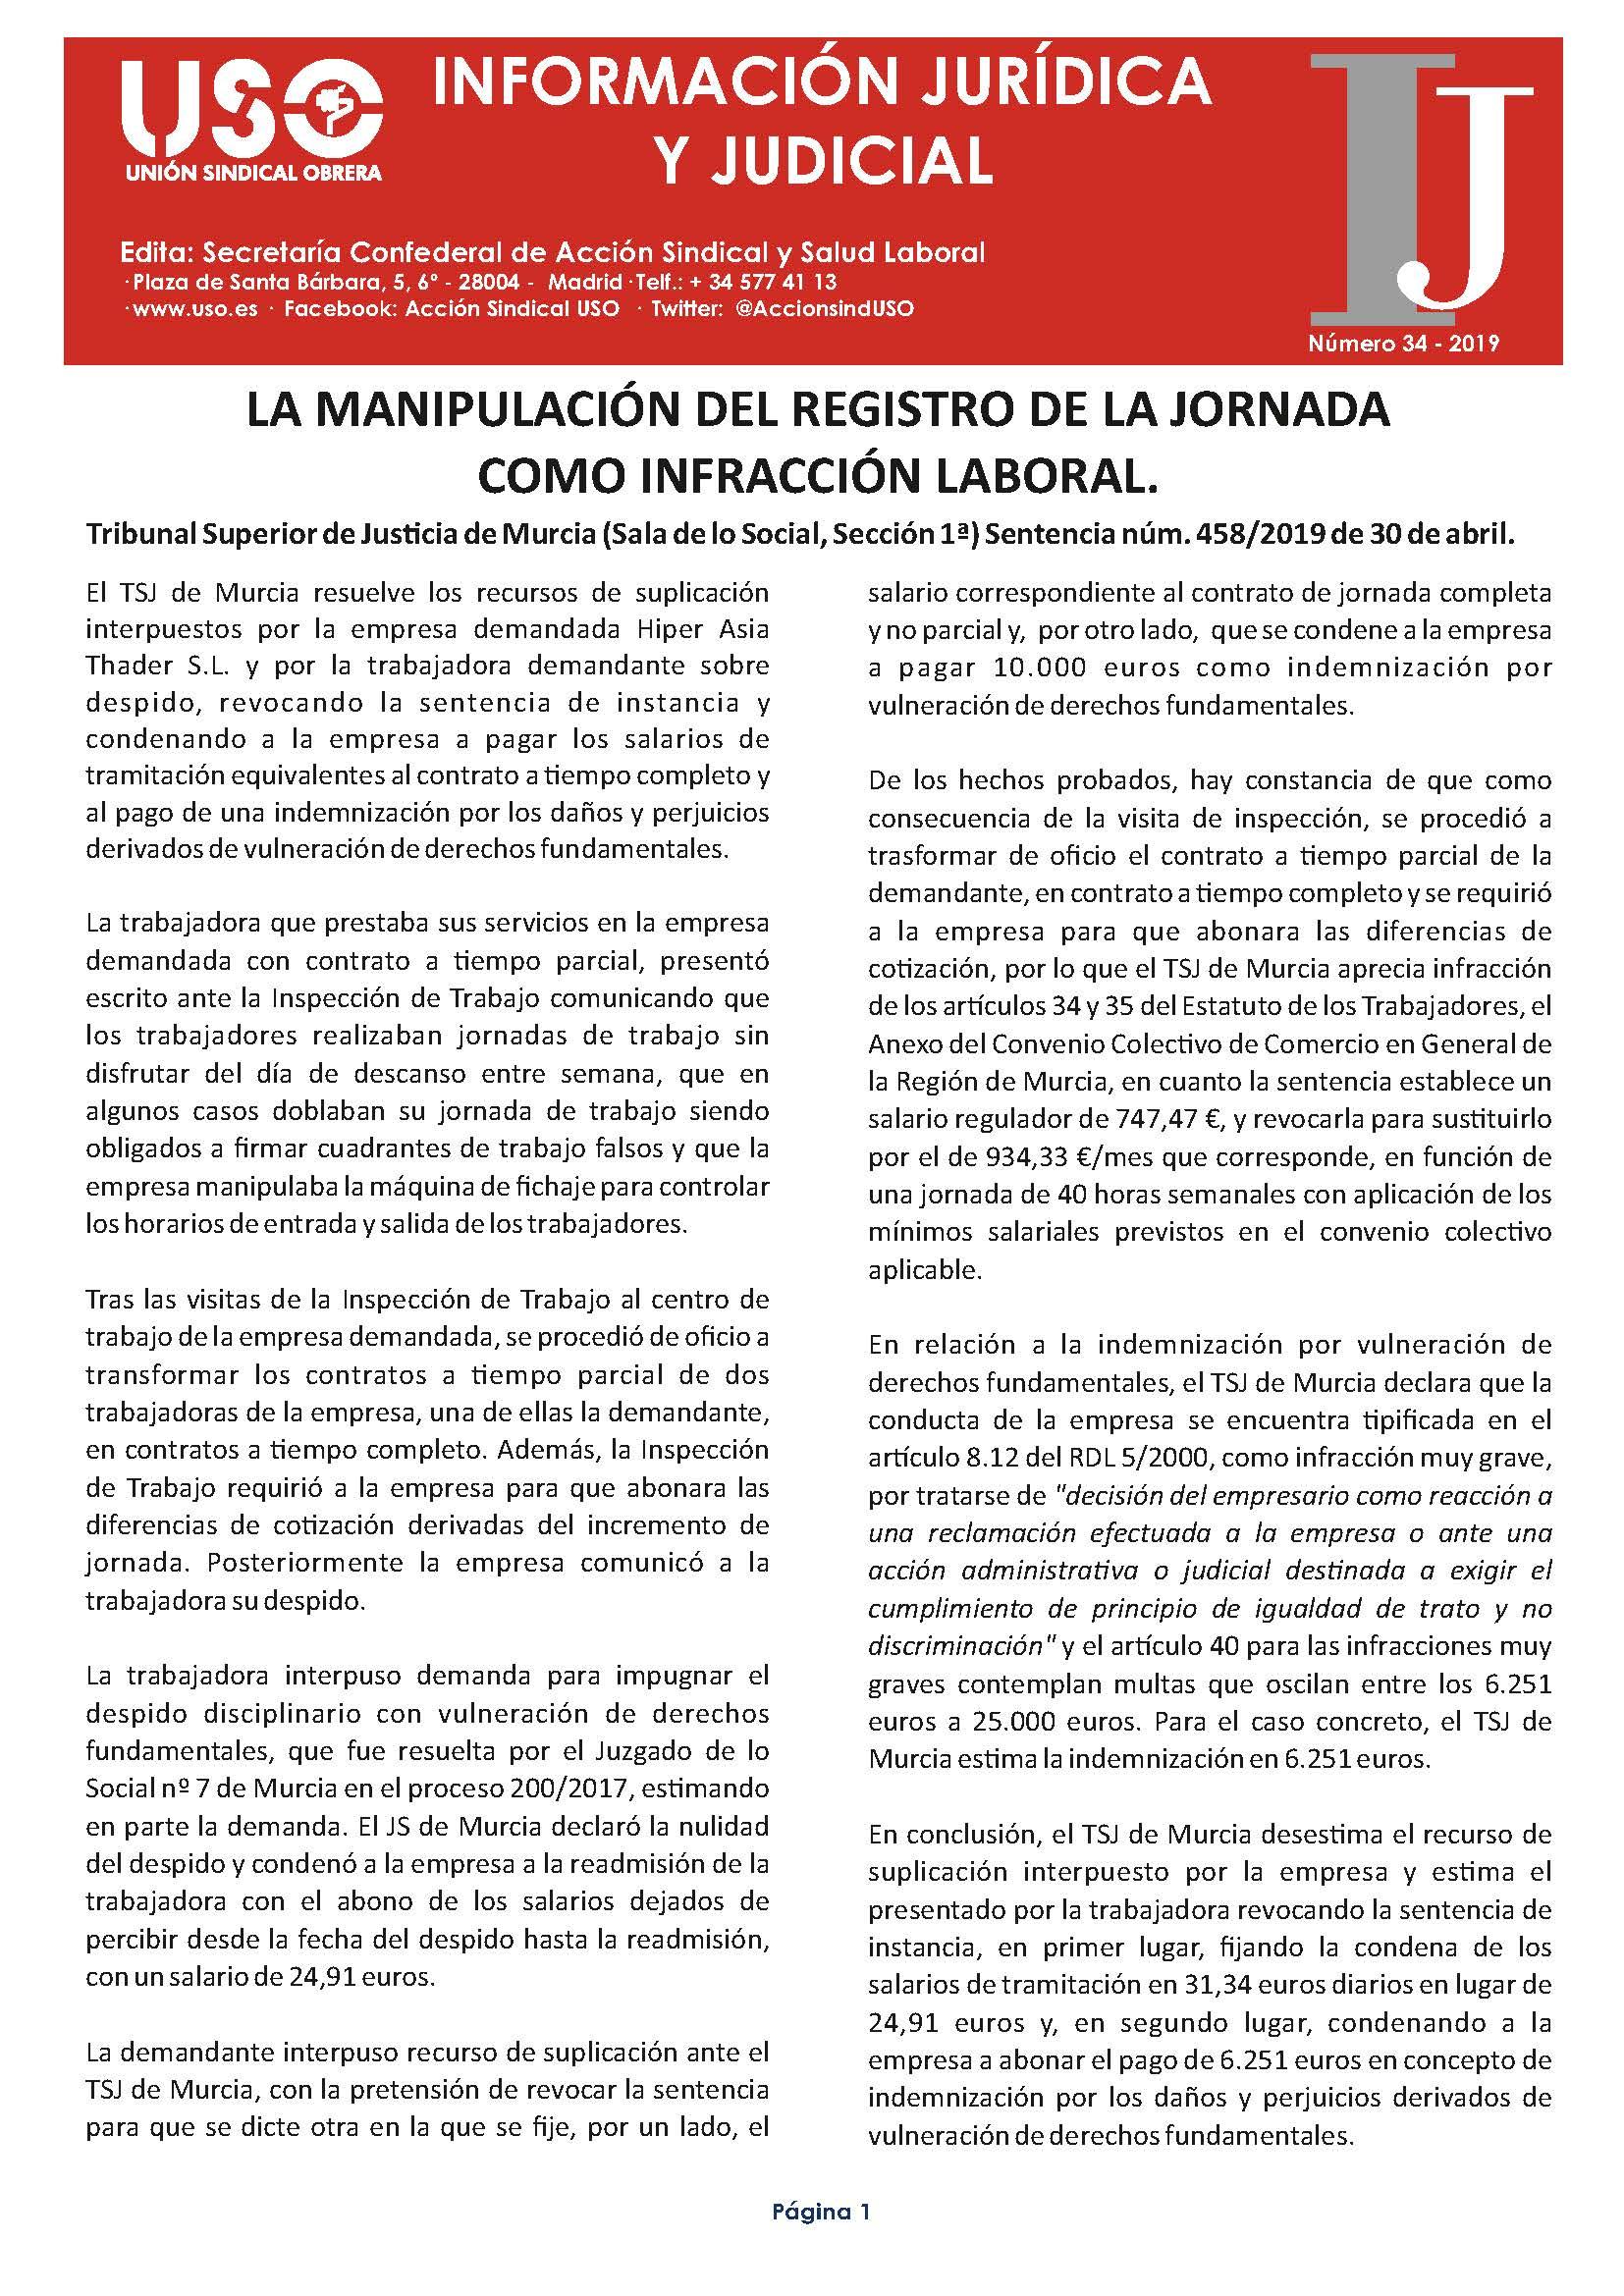 Información Jurídica y Judicial nº 34